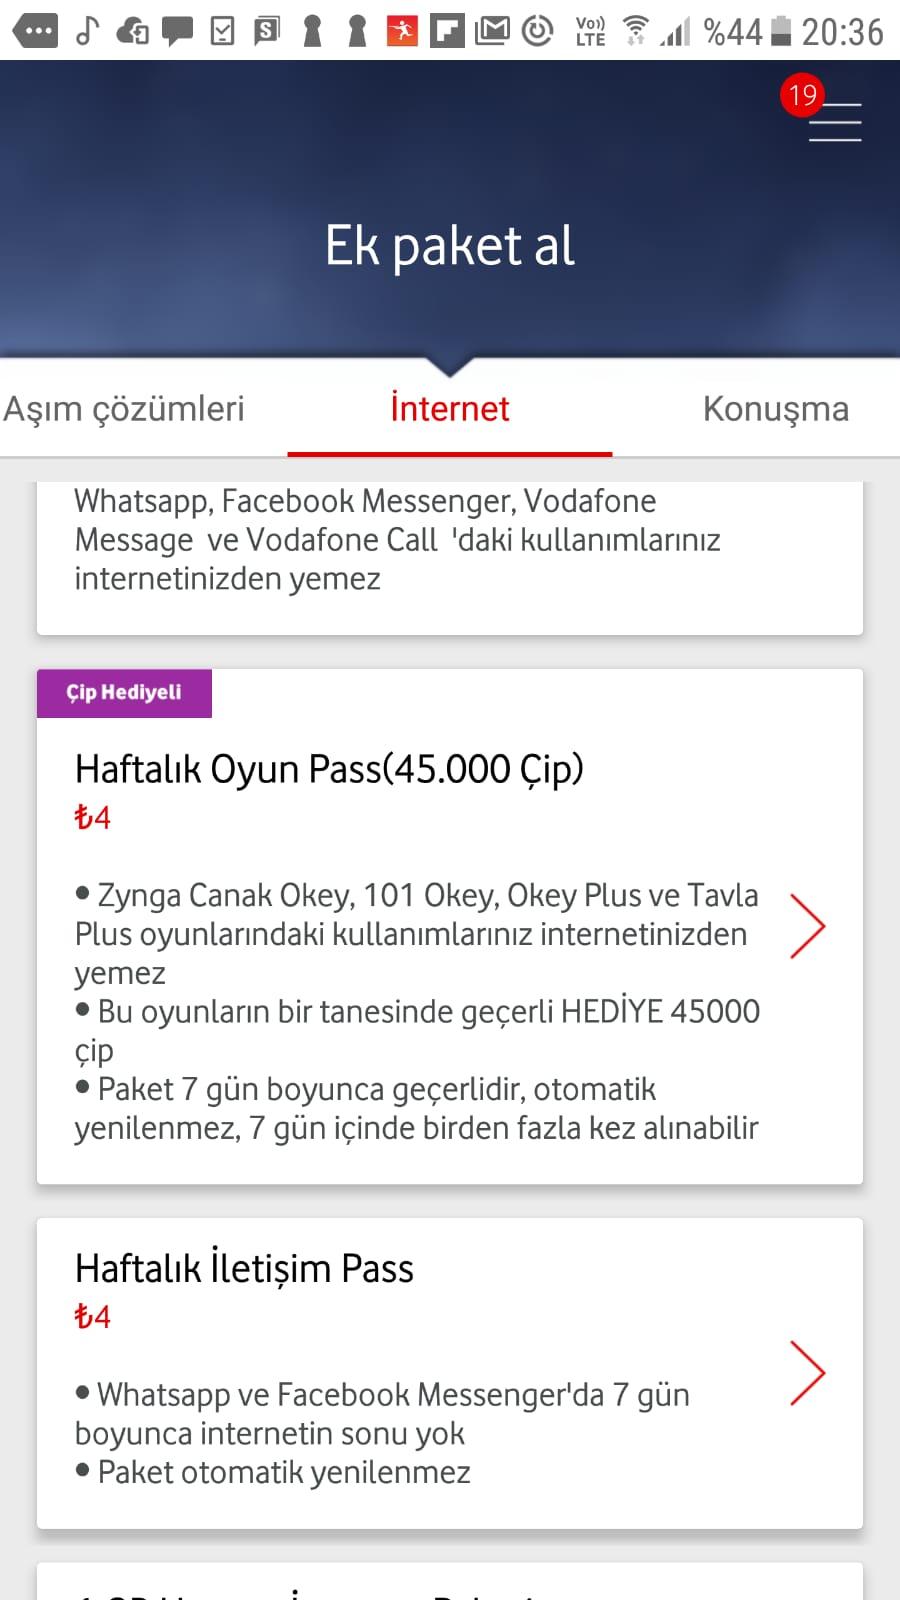 WhatsApp Image 2018-11-18 at 20.37.43 (1)